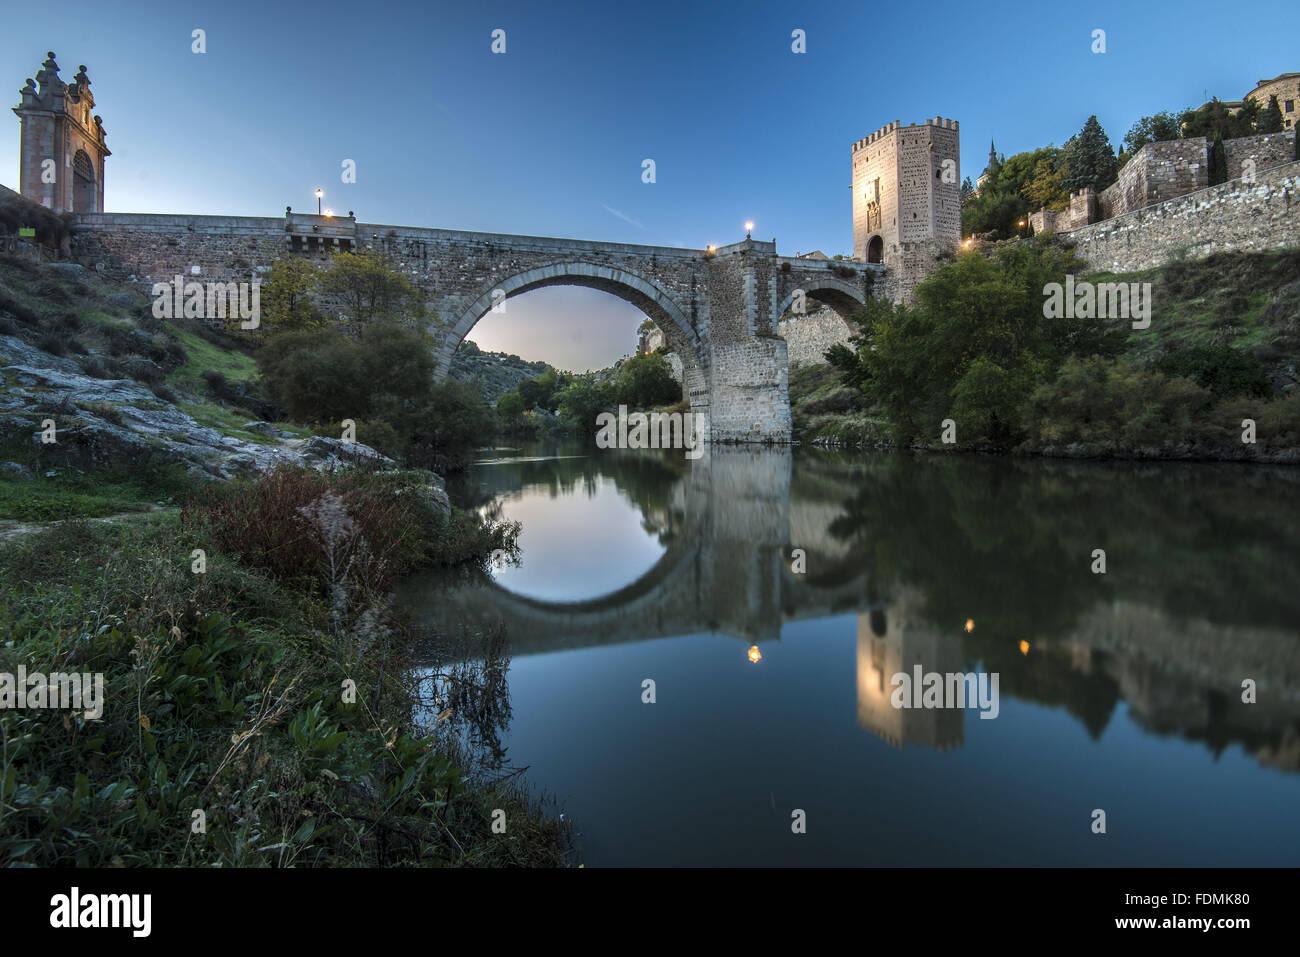 Puente de Alcantara on the River Tajo / Tejo - the second century Roman bridge between walls - Stock Image